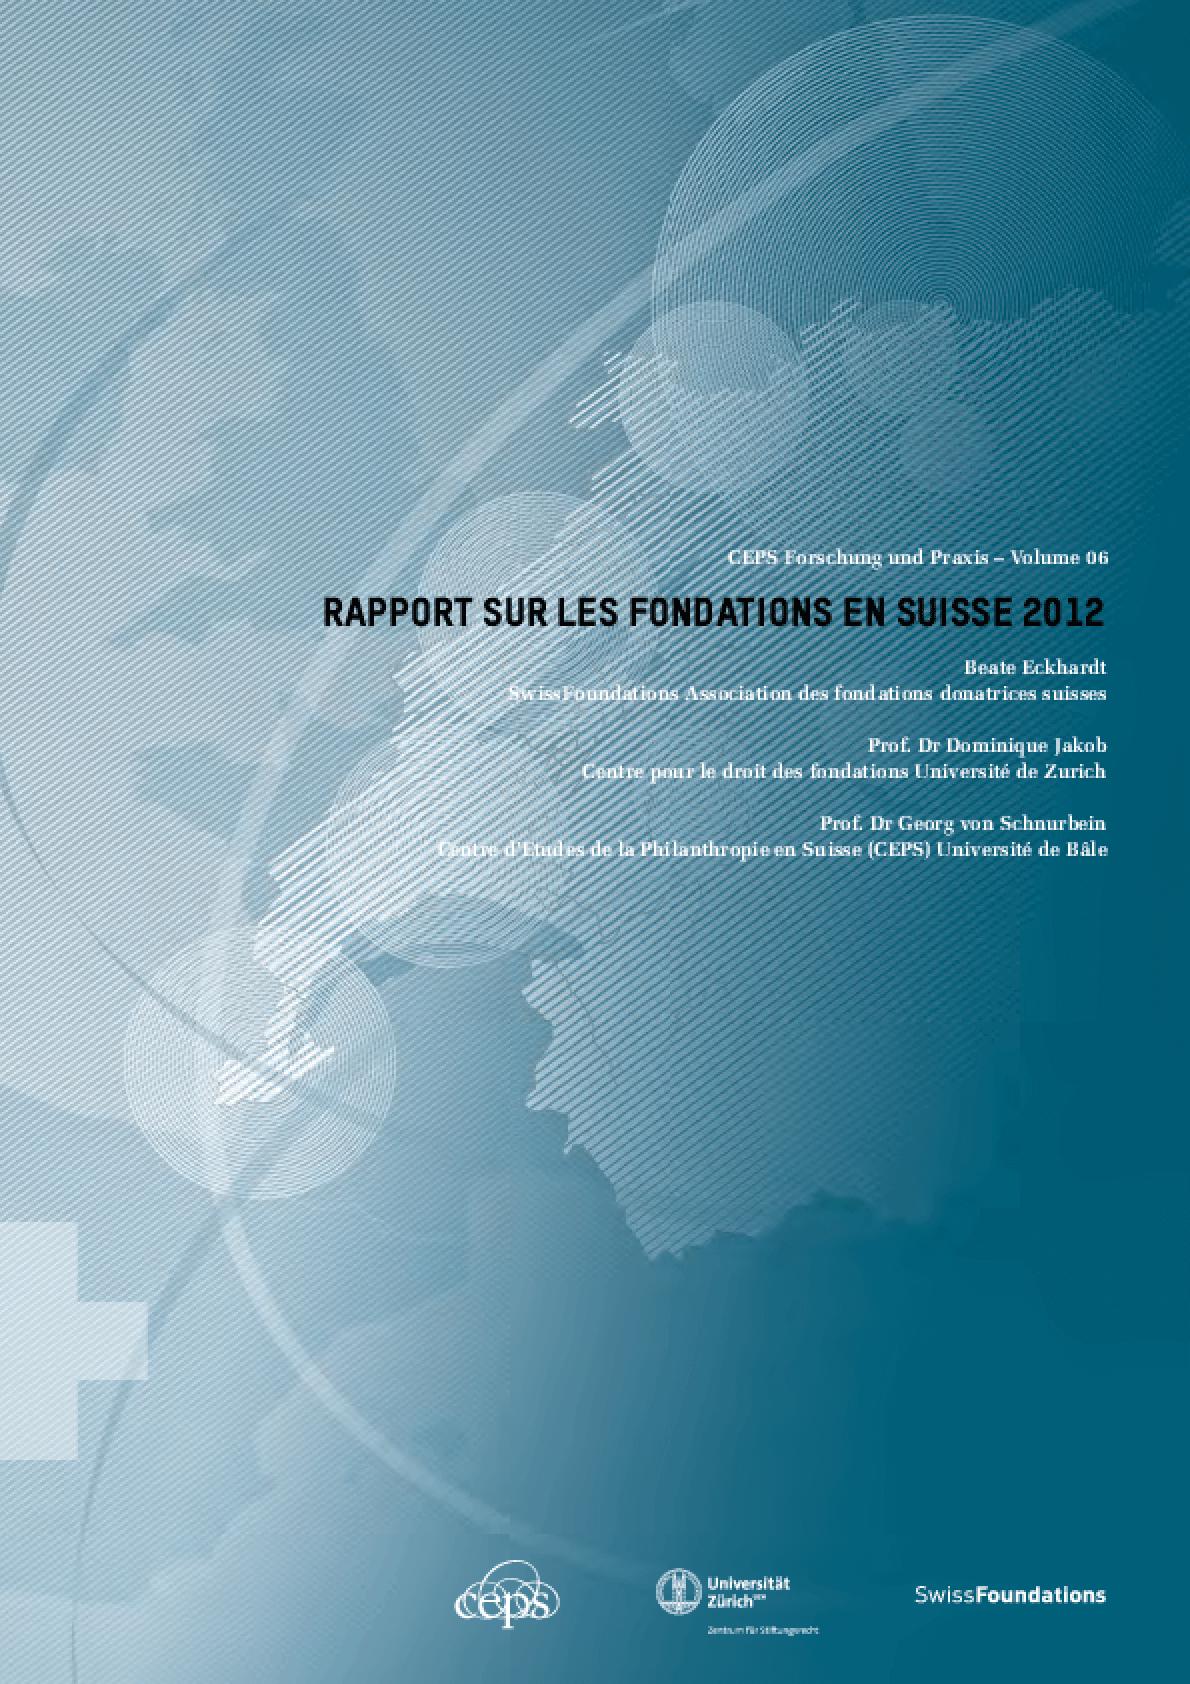 Rapport sur les Fondations en Suisse 2012